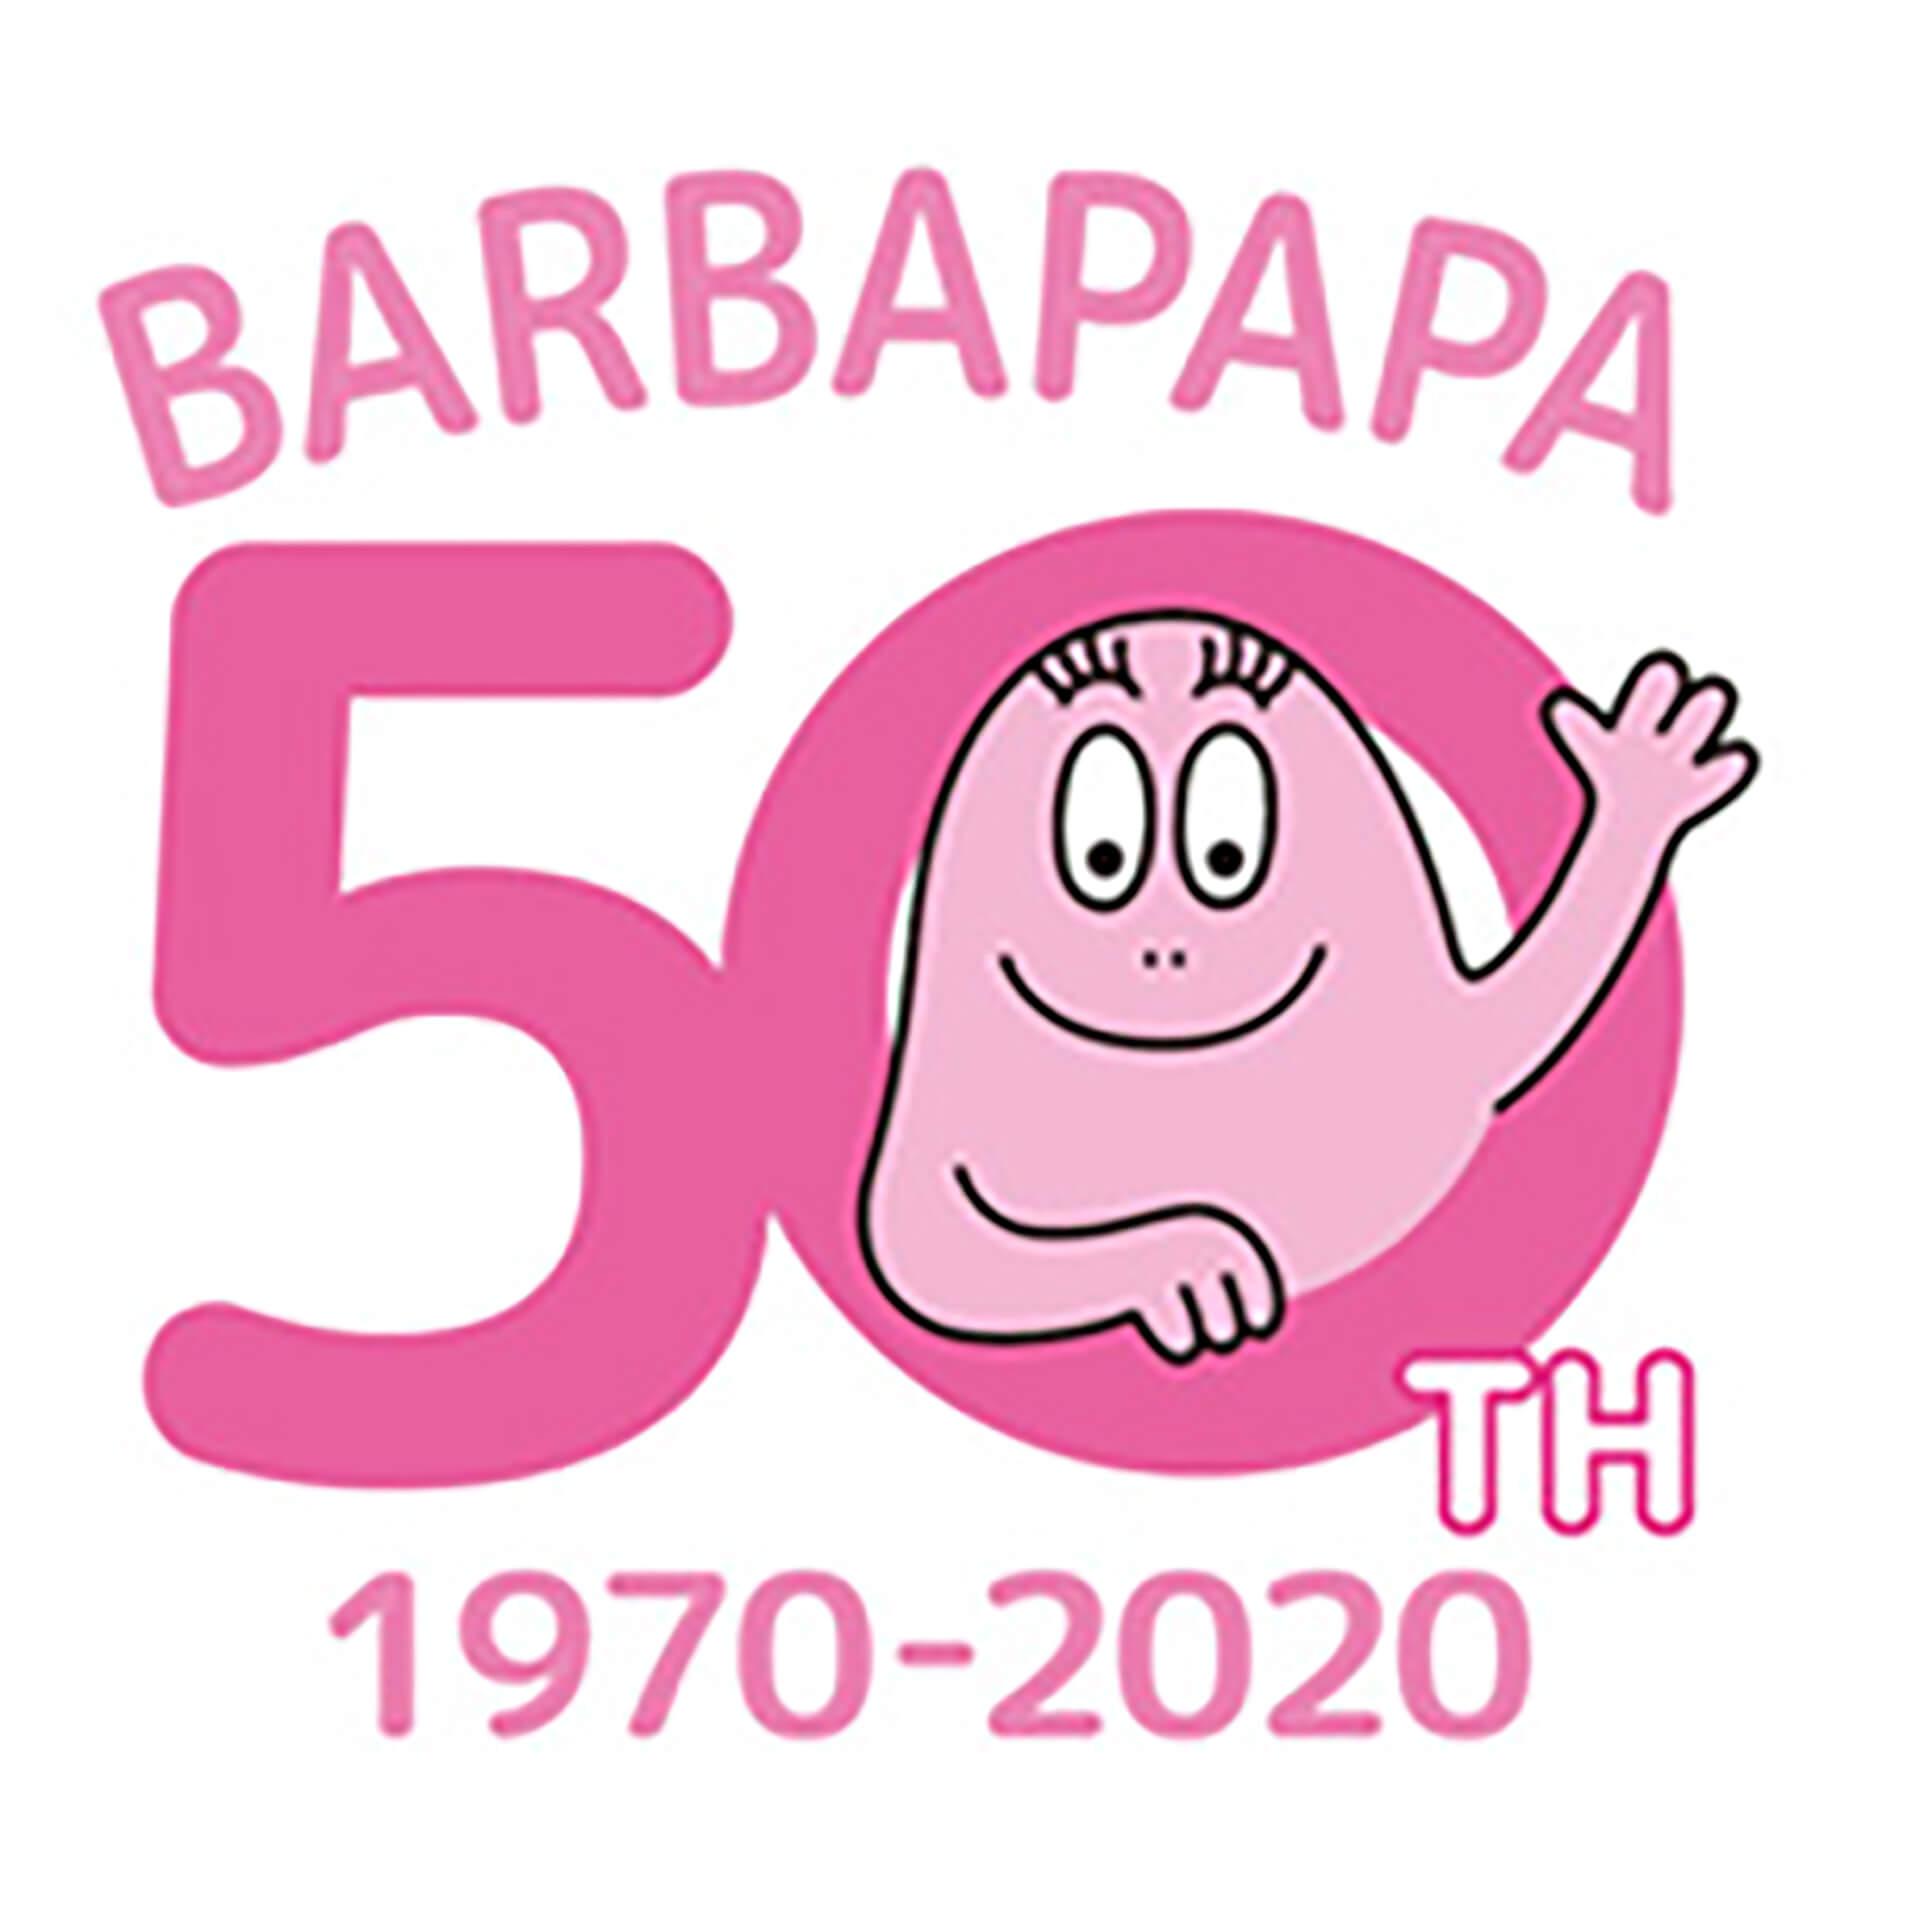 「バーバパパの日」誕生50周年ロゴ